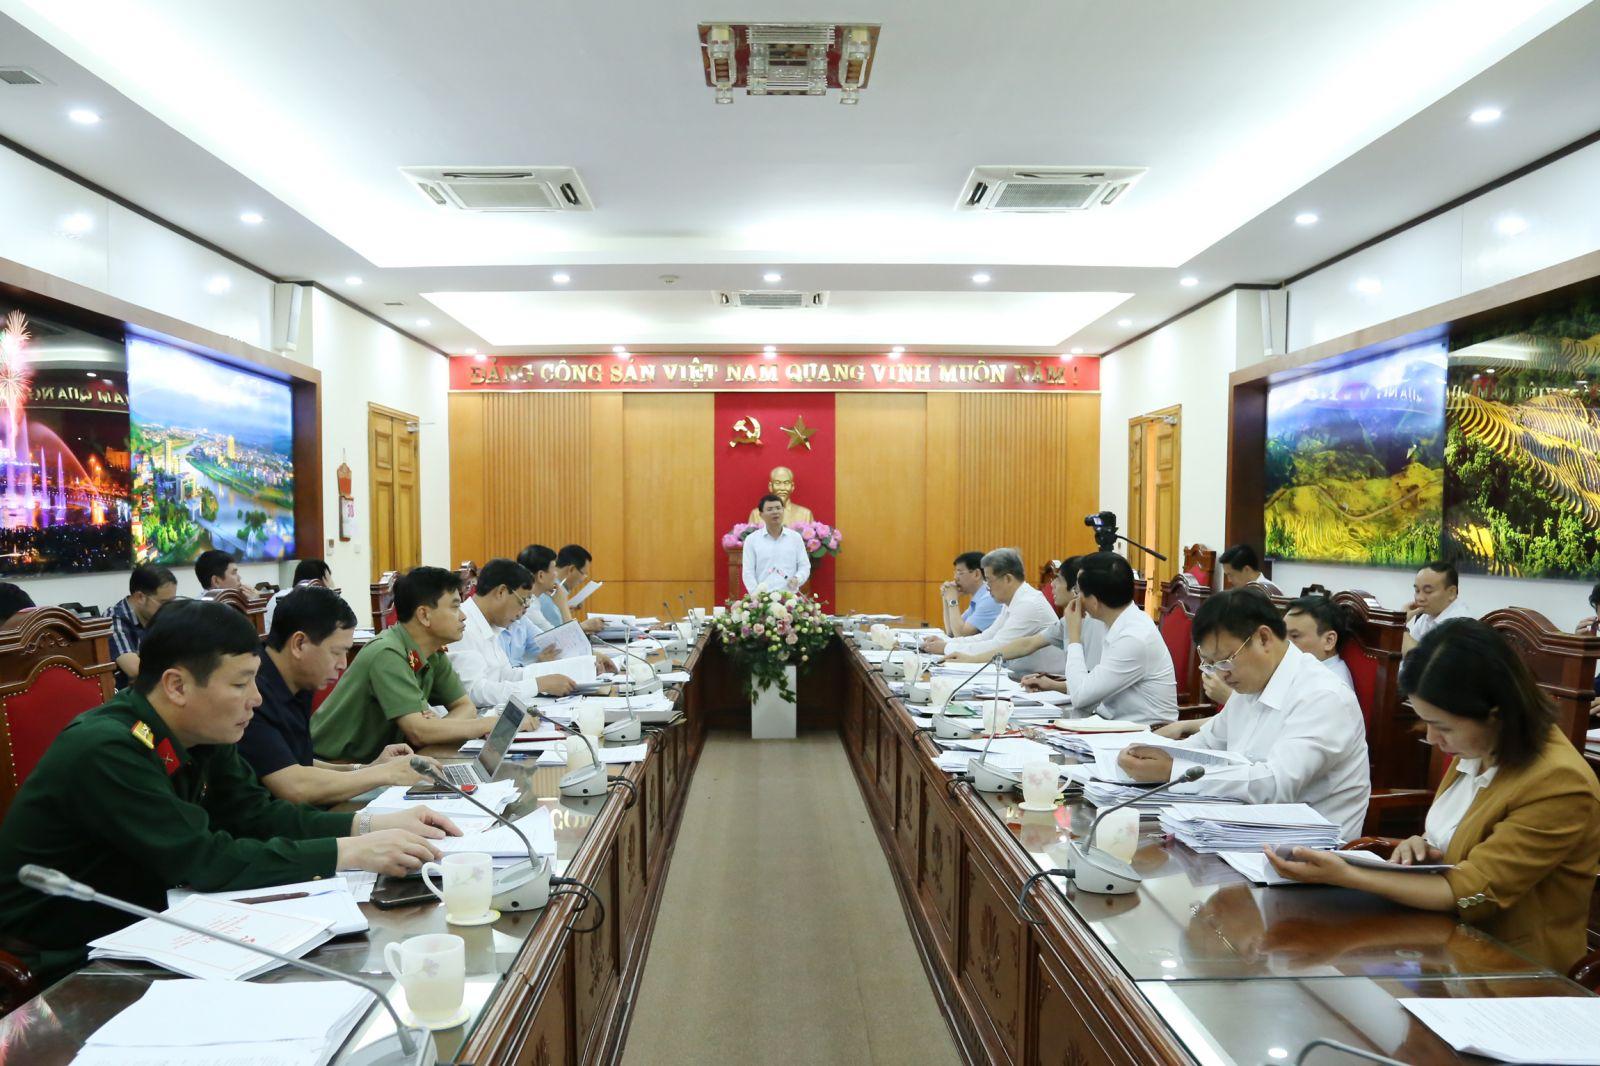 Lào Cai: Ban Thường vụ Tỉnh ủy tổ chức Hội nghị lần thứ 9